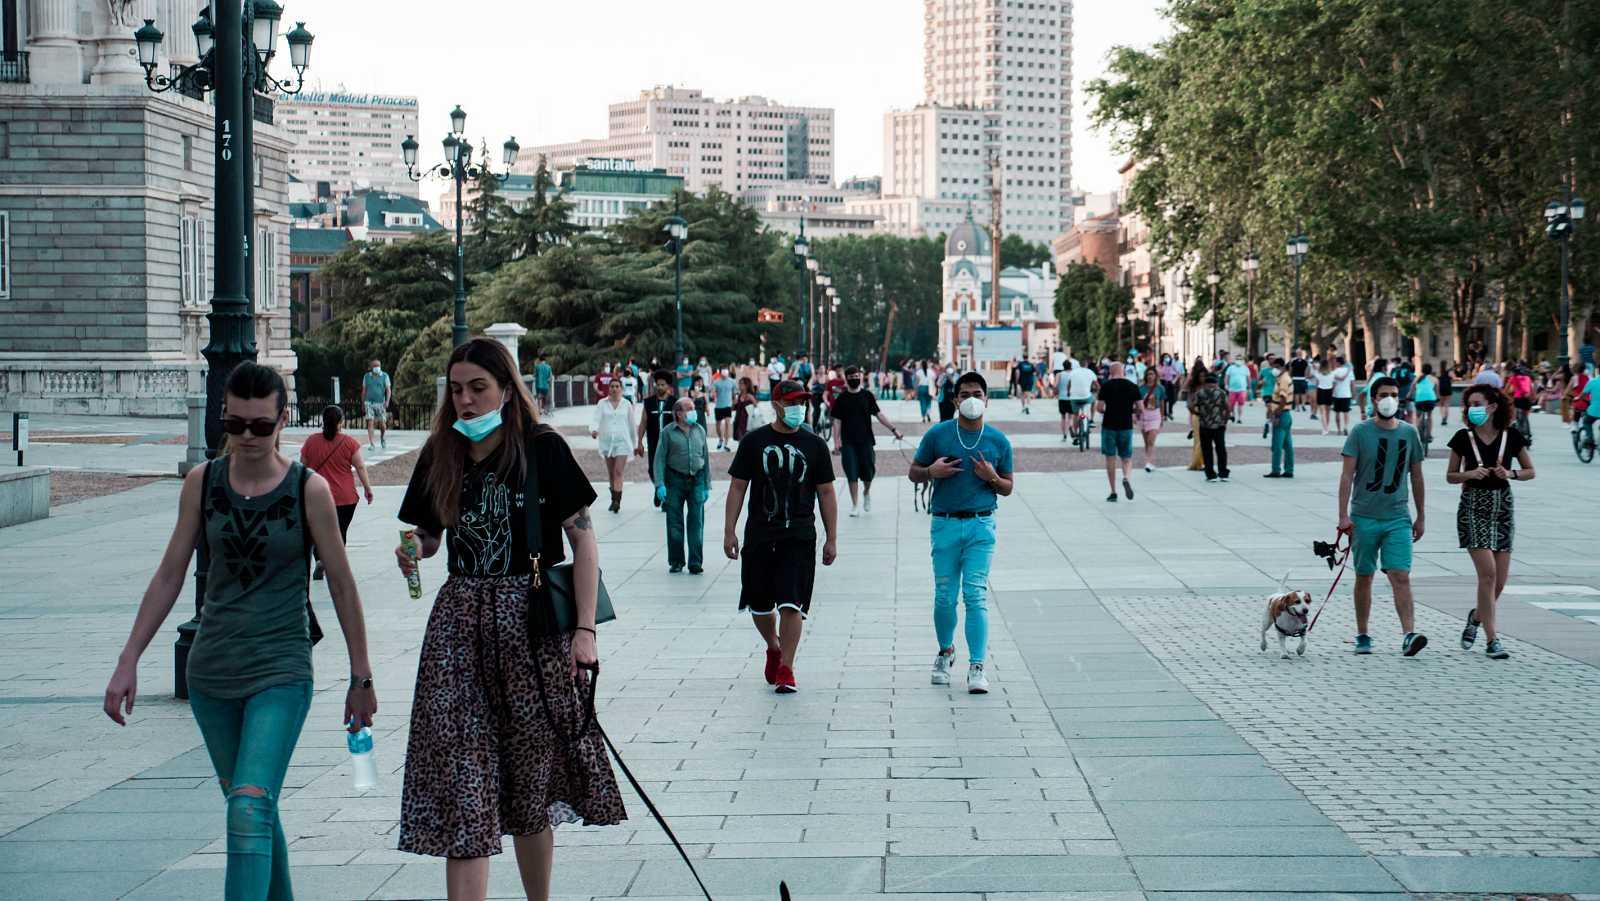 Gente paseando con mascarillas en la Plaza de Oriente de Madrid.